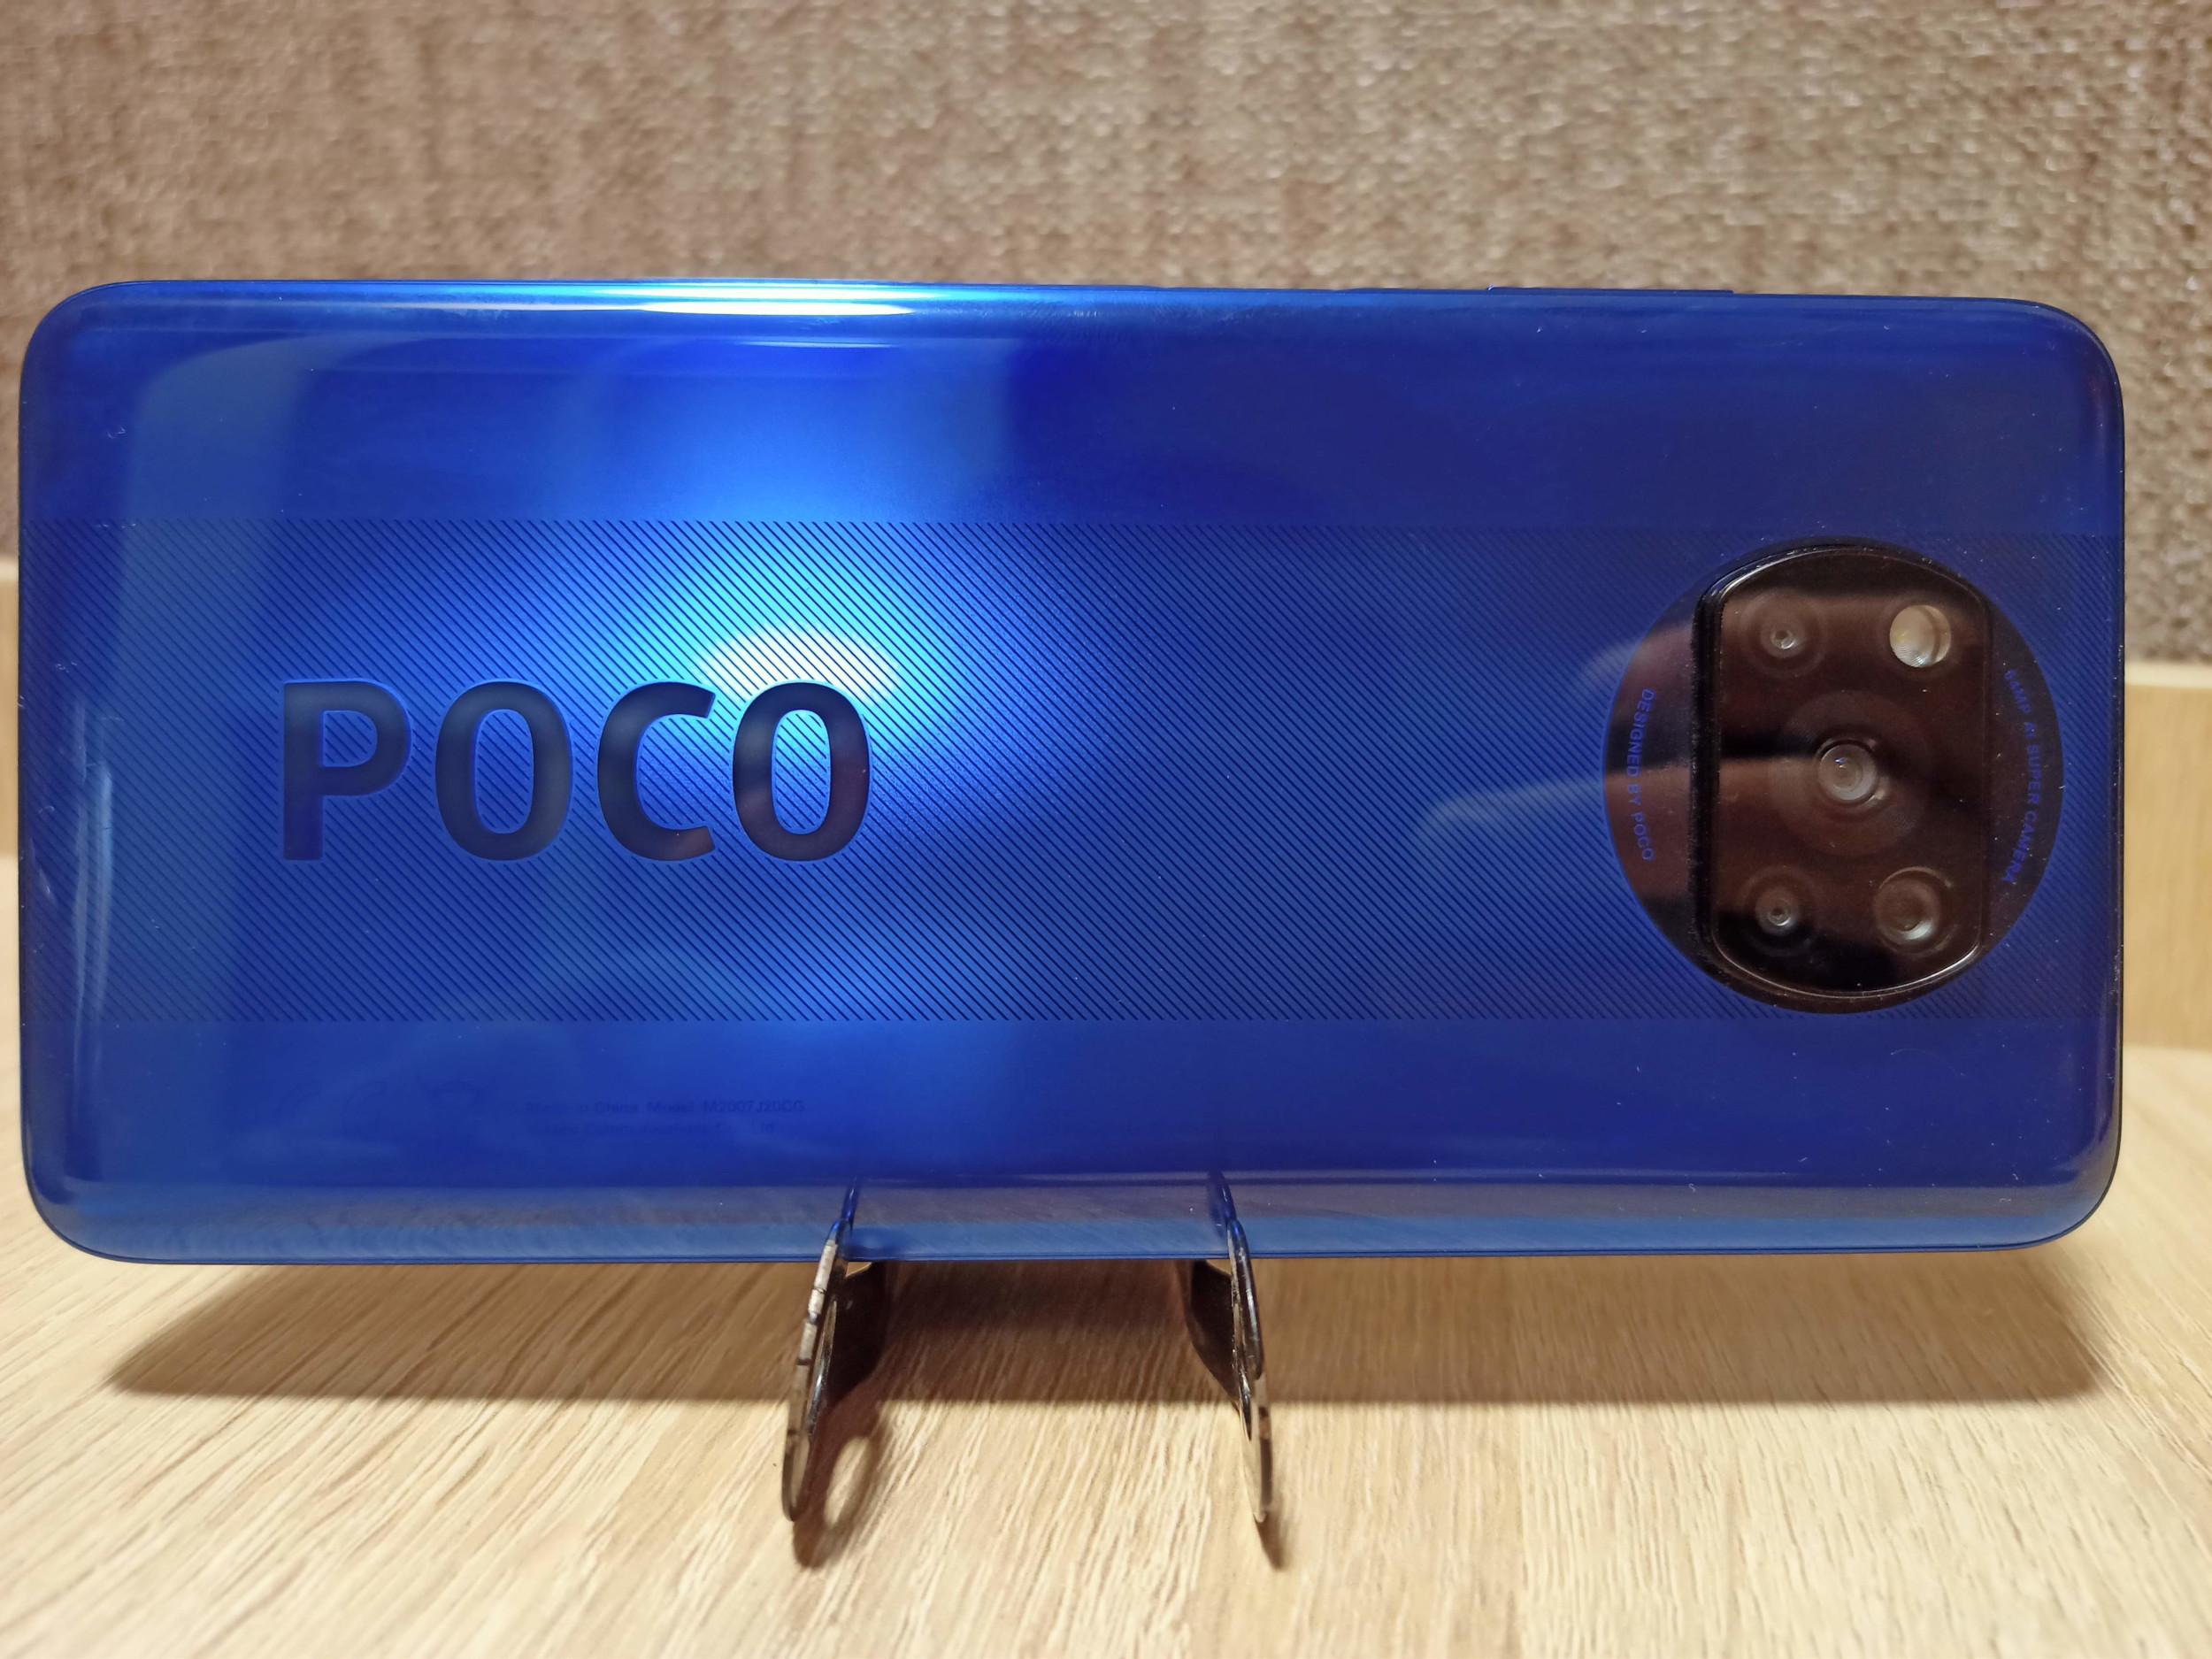 Задняя панель Poco X3